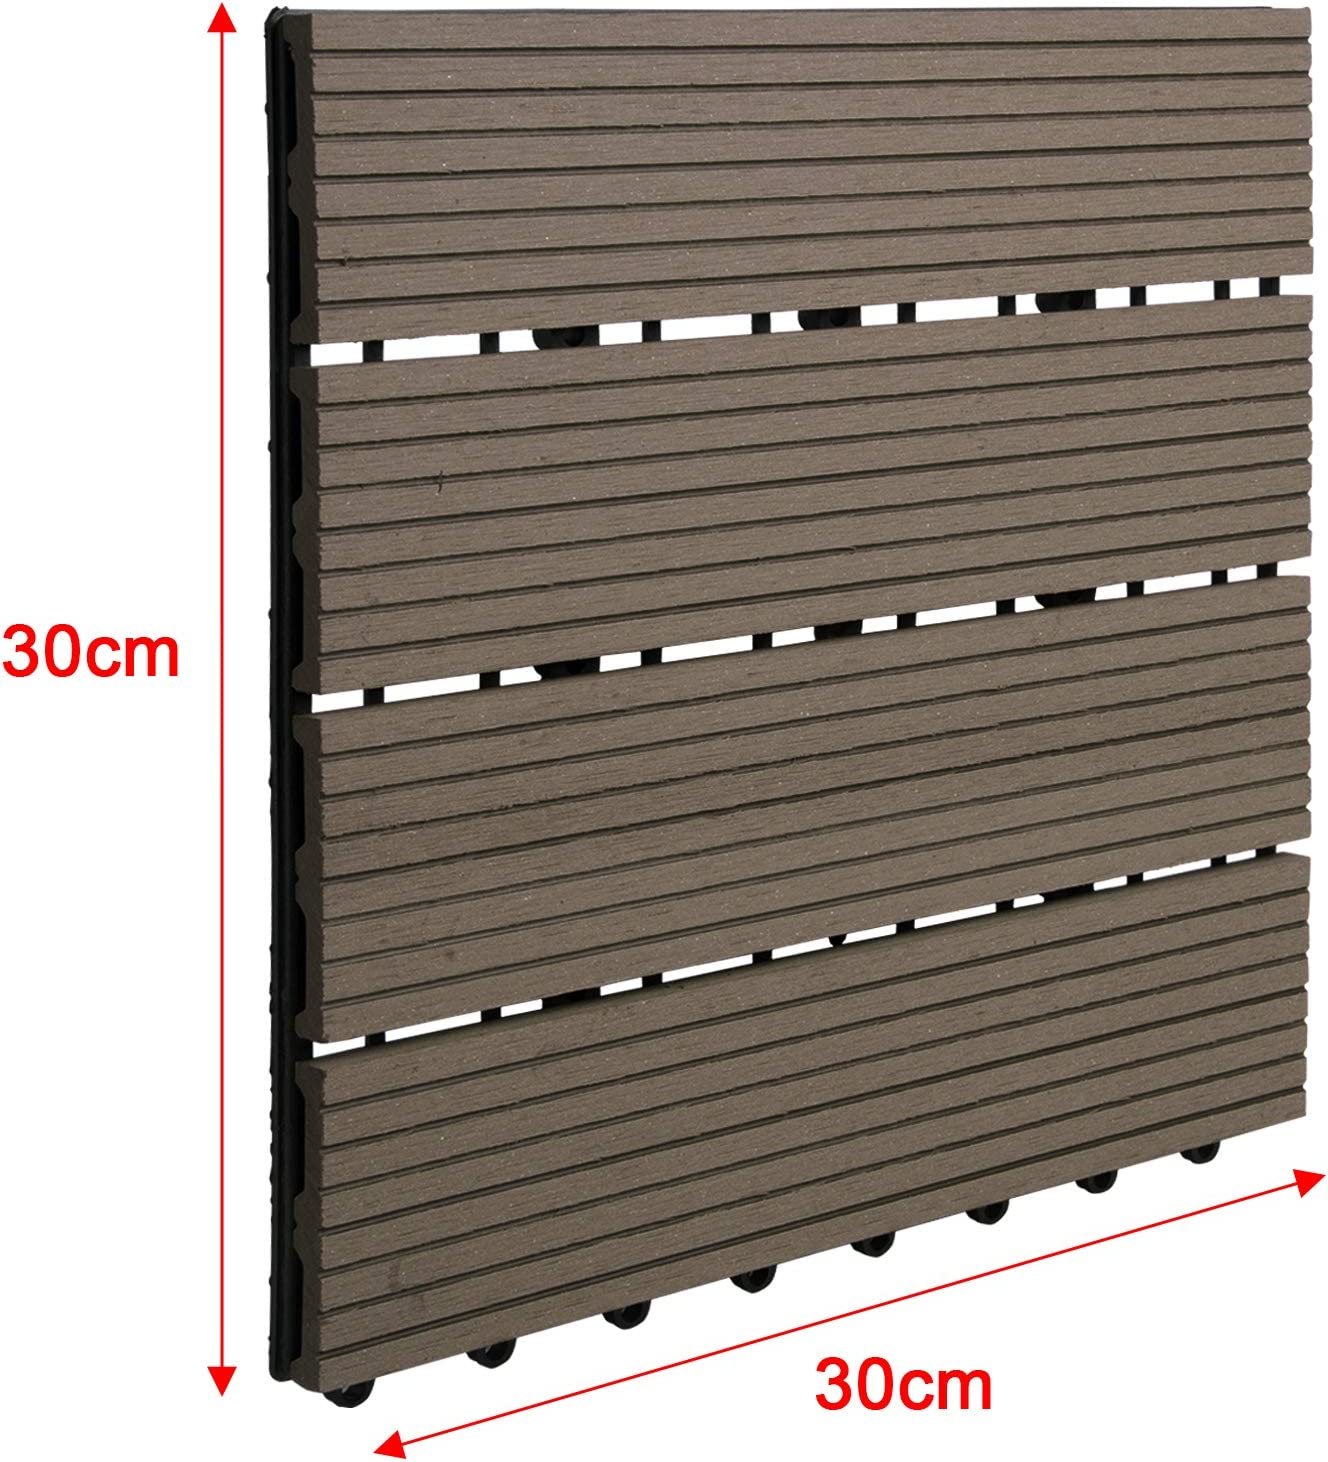 30x30cm mit Stecksystem Anthrazit 2m/² Garten klick-Fliese Terrassen-Fliese WPC Kunststoff Bodenbelag f/ür Terrasse Balkon